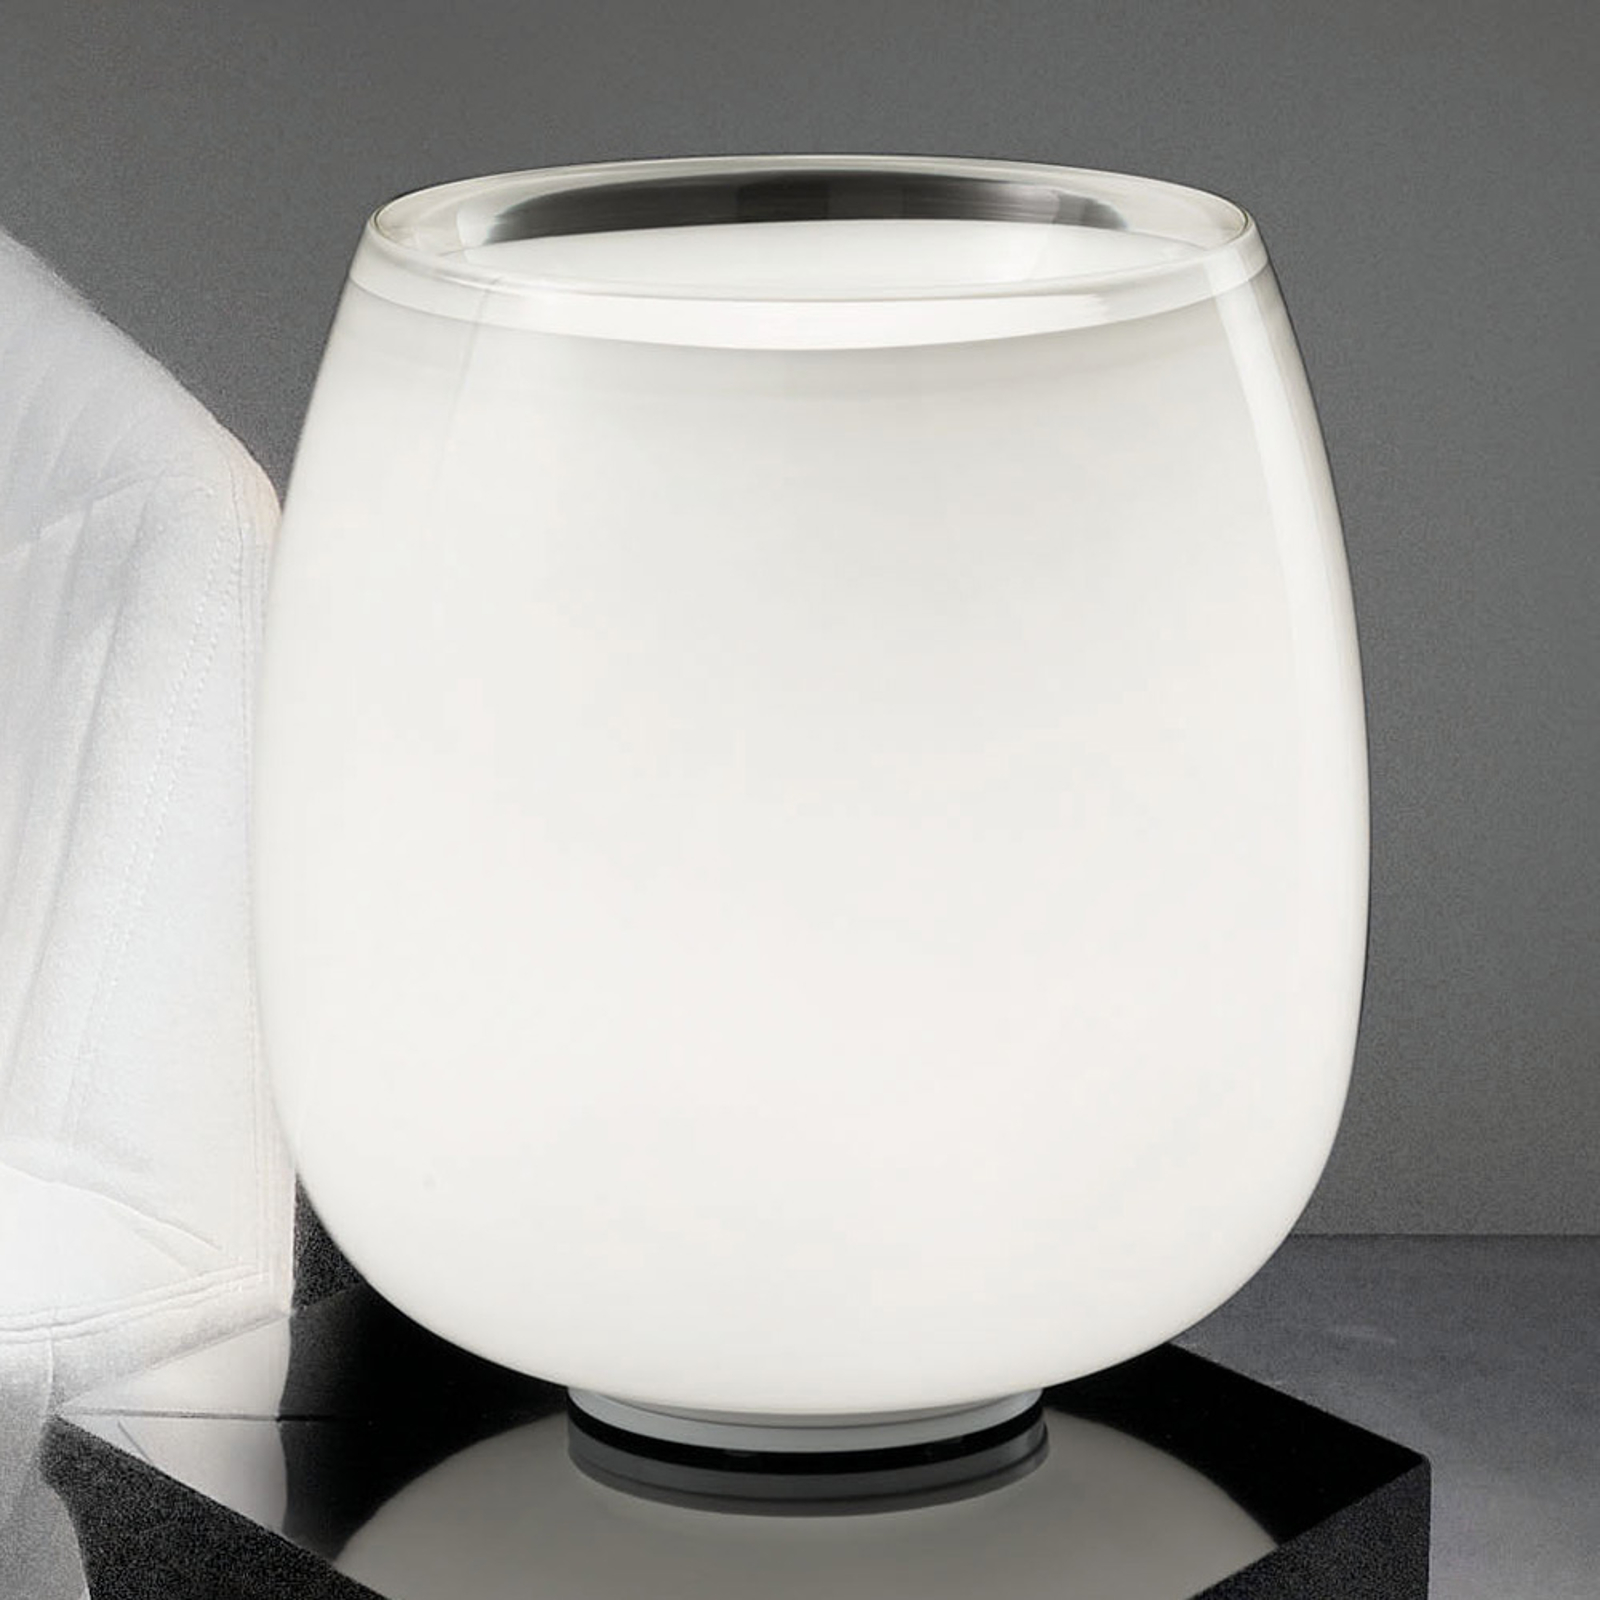 Implode - lampe à poser en verre Ø 38cm